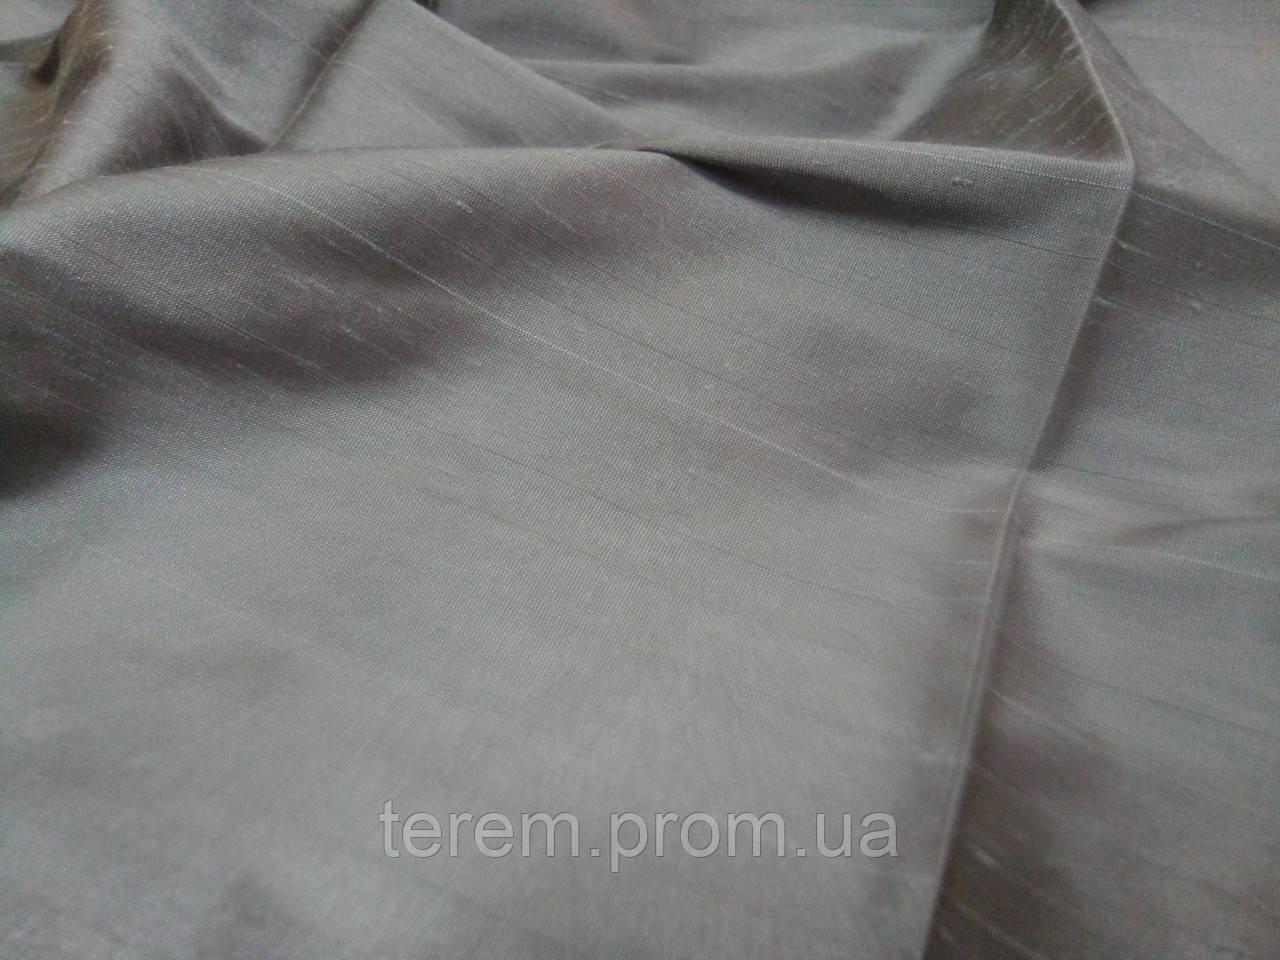 """Ткань для штор, однотонная под шёлк, """"МоннаЛиза"""", 150 см, Турция"""